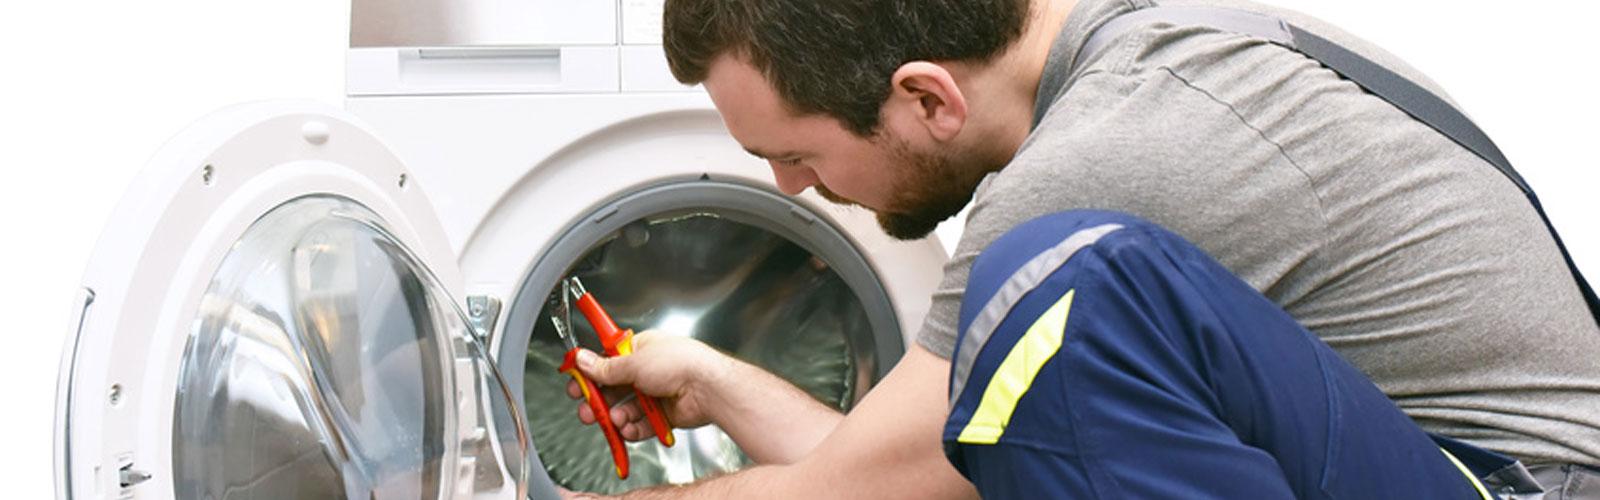 Elektro Heinzel Hausgeräte Kundendienst